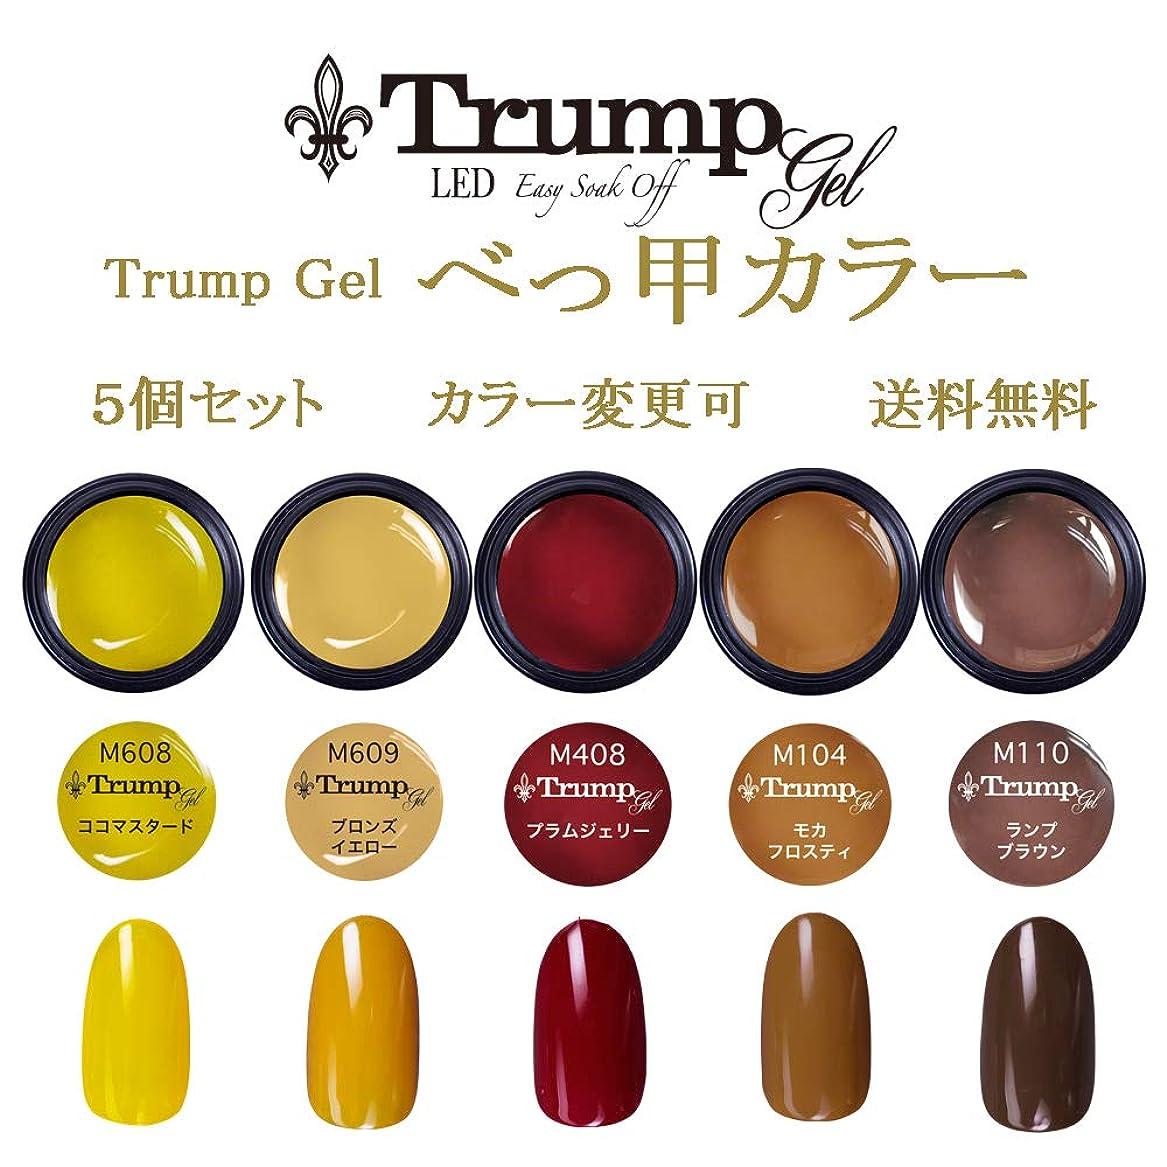 鰐メーカー折日本製 Trump gel トランプジェル べっ甲 ネイルカラー 選べる カラージェル 5個セット イエロー ブラウン ワイン べっこう